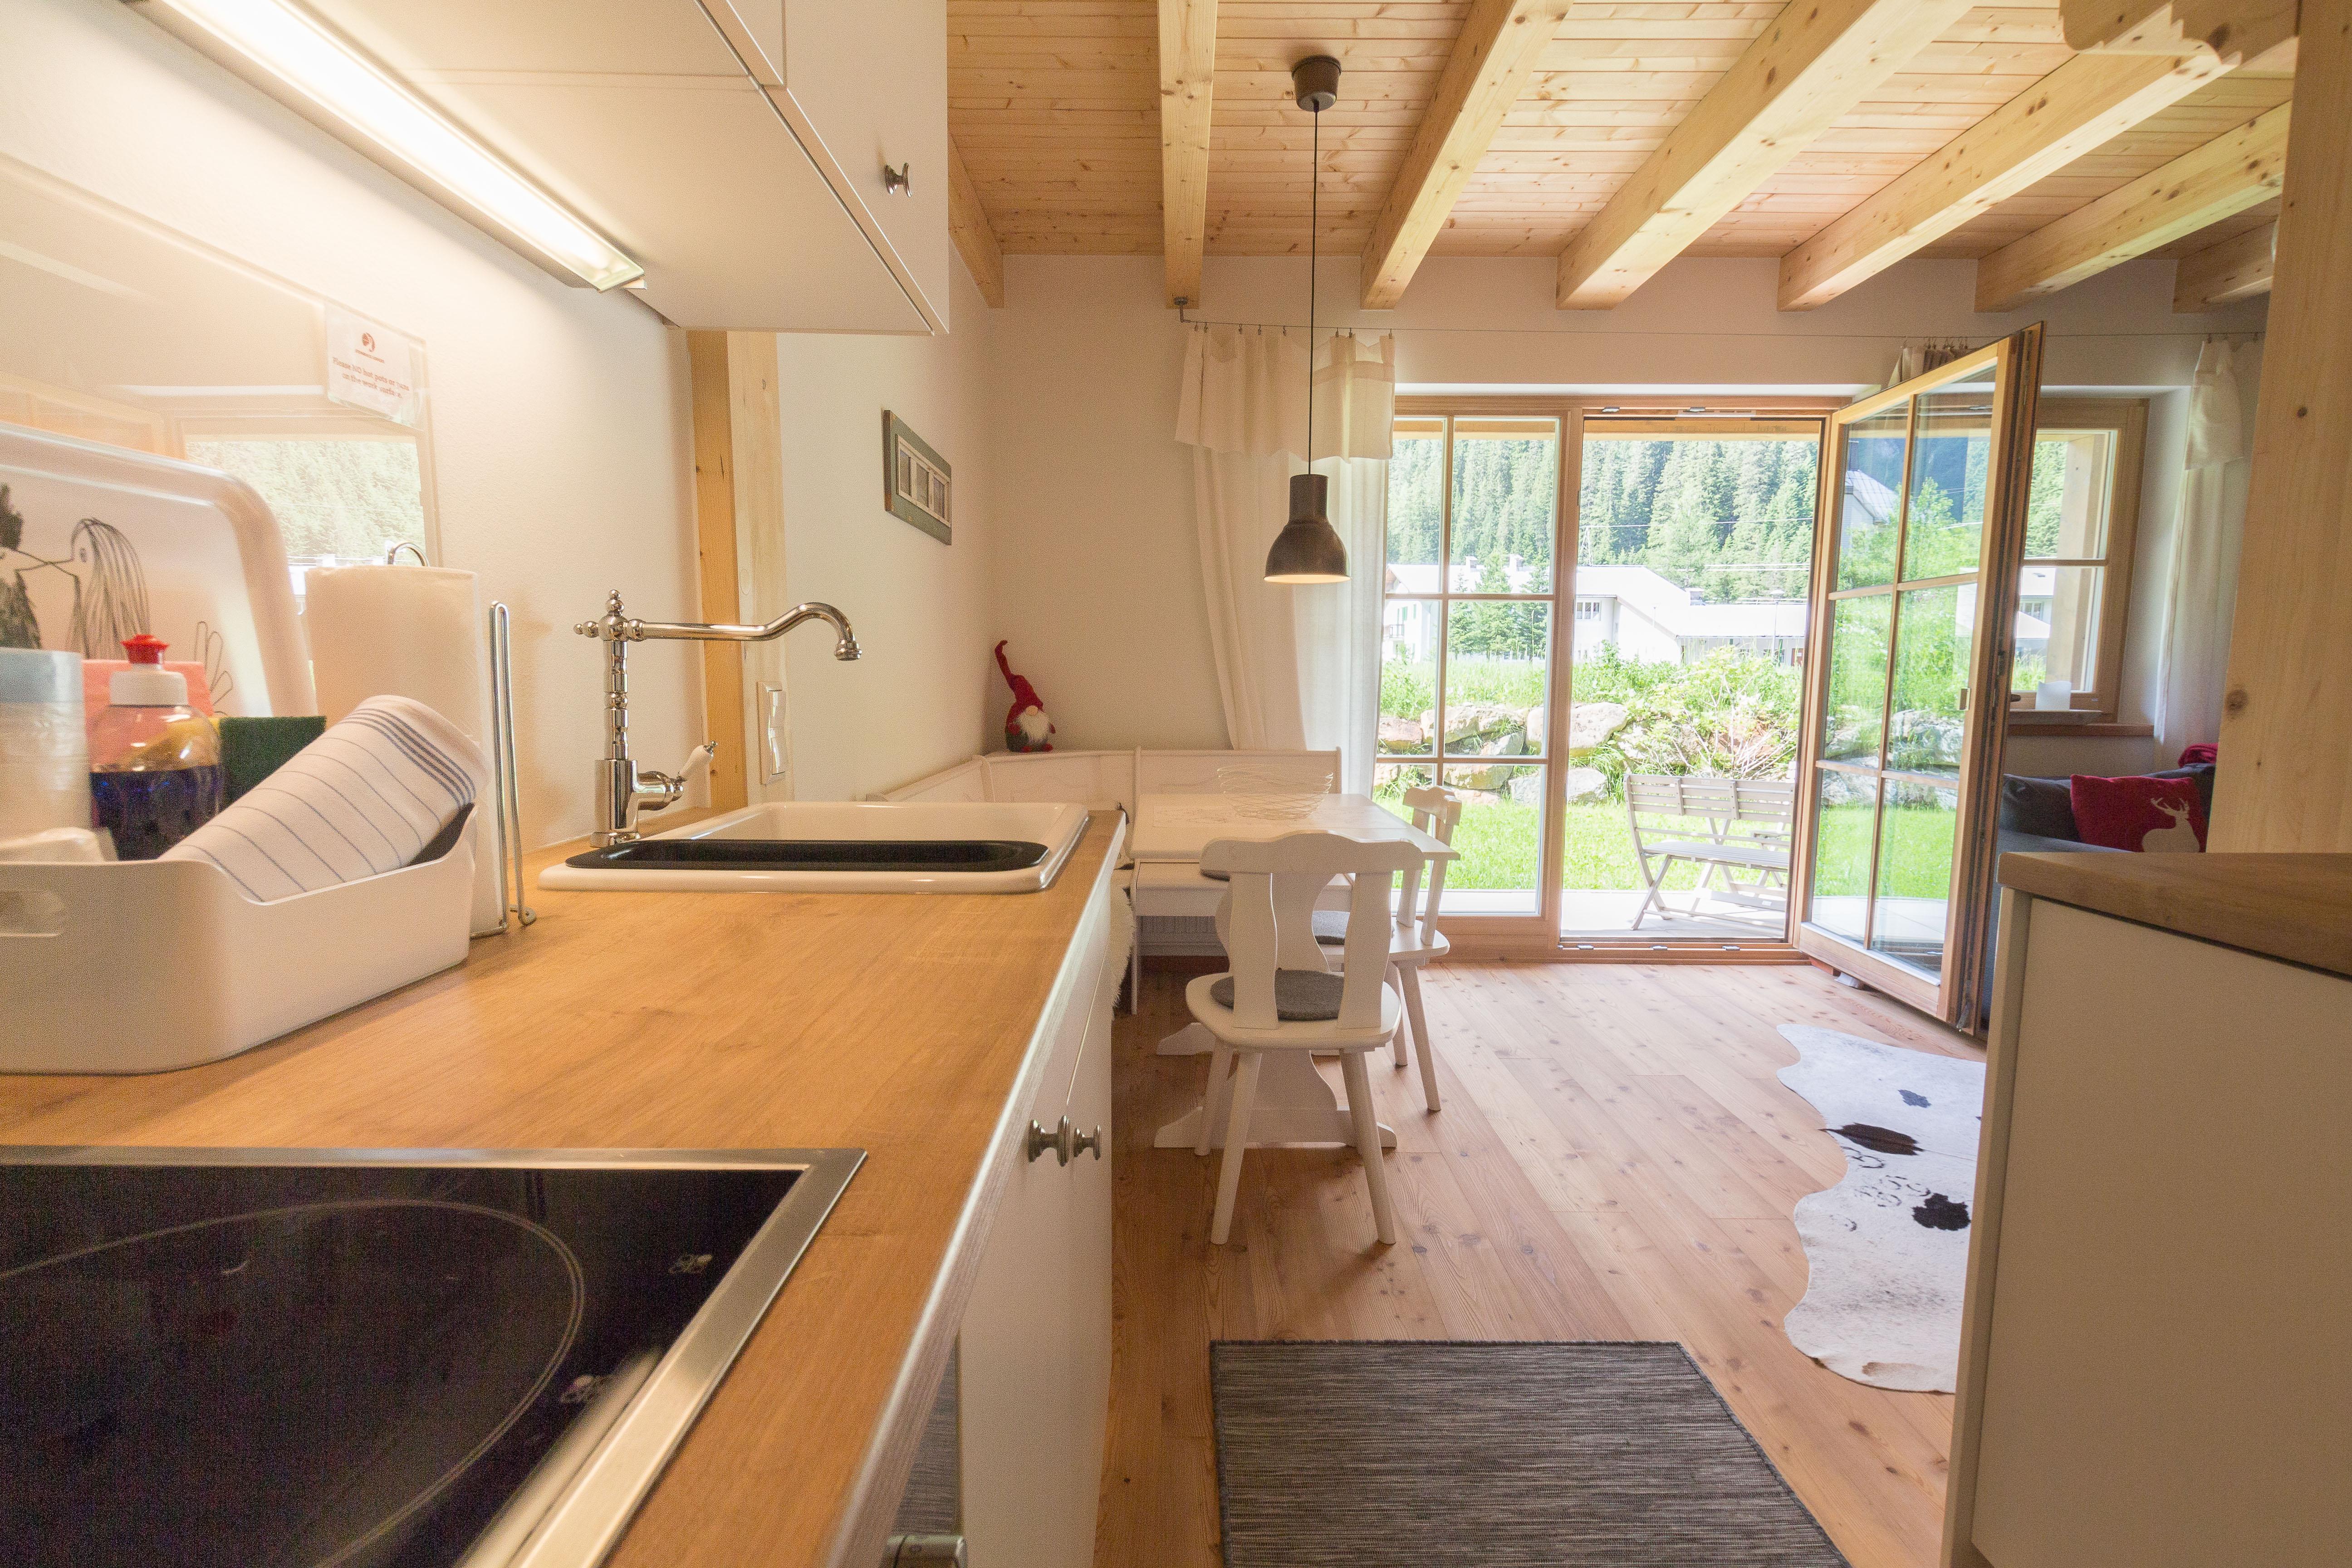 Maison de vacances Lodge Enzian direkt am Skilift (2050396), Uttendorf, Pinzgau, Salzbourg, Autriche, image 10